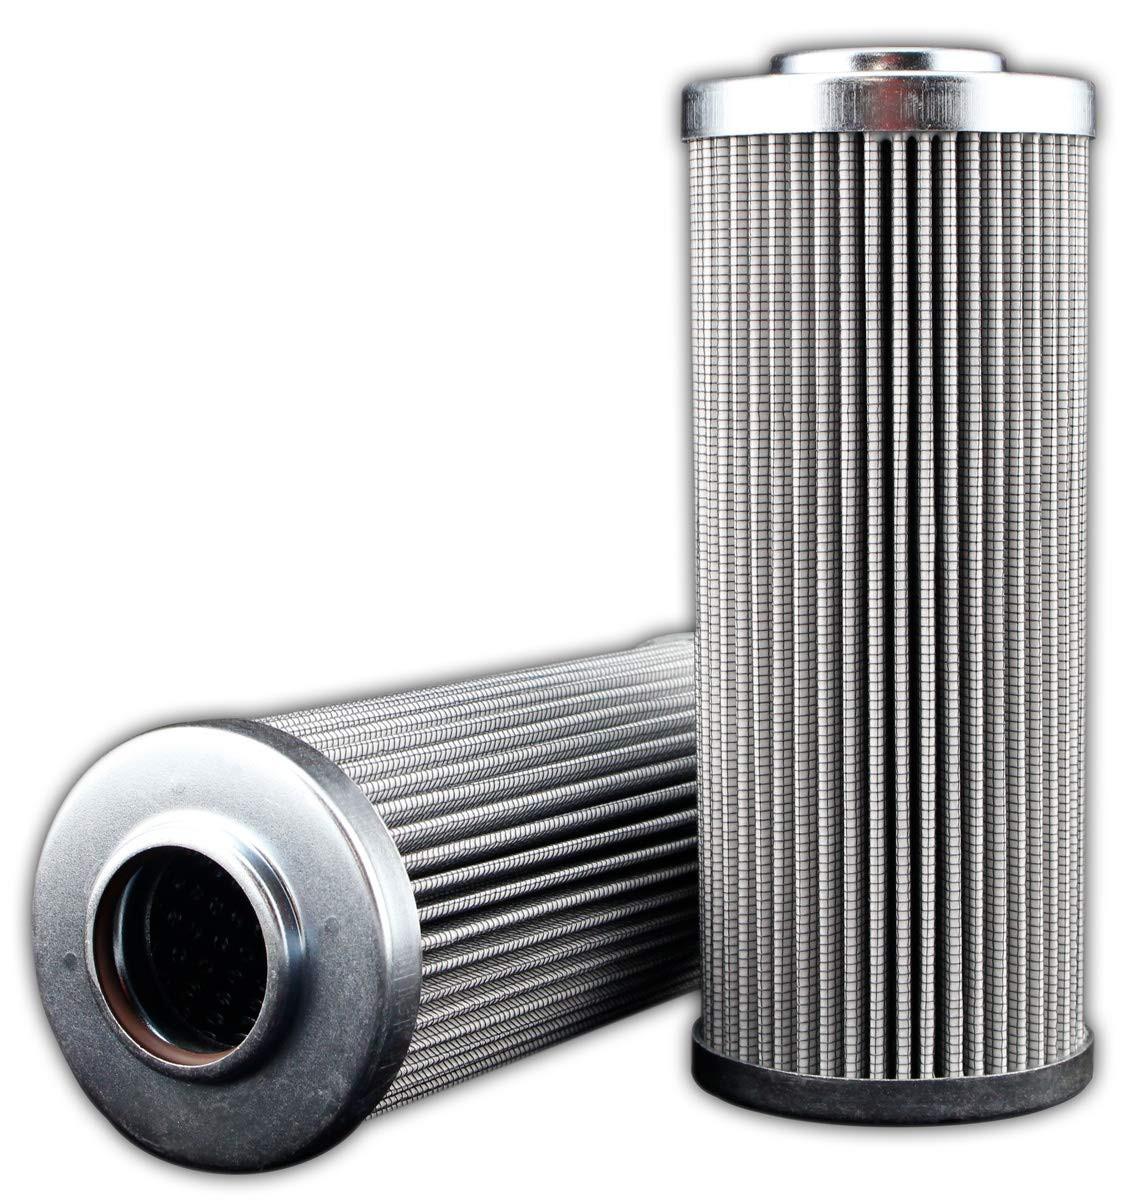 Stauff SE070G10B/4 Filter Element